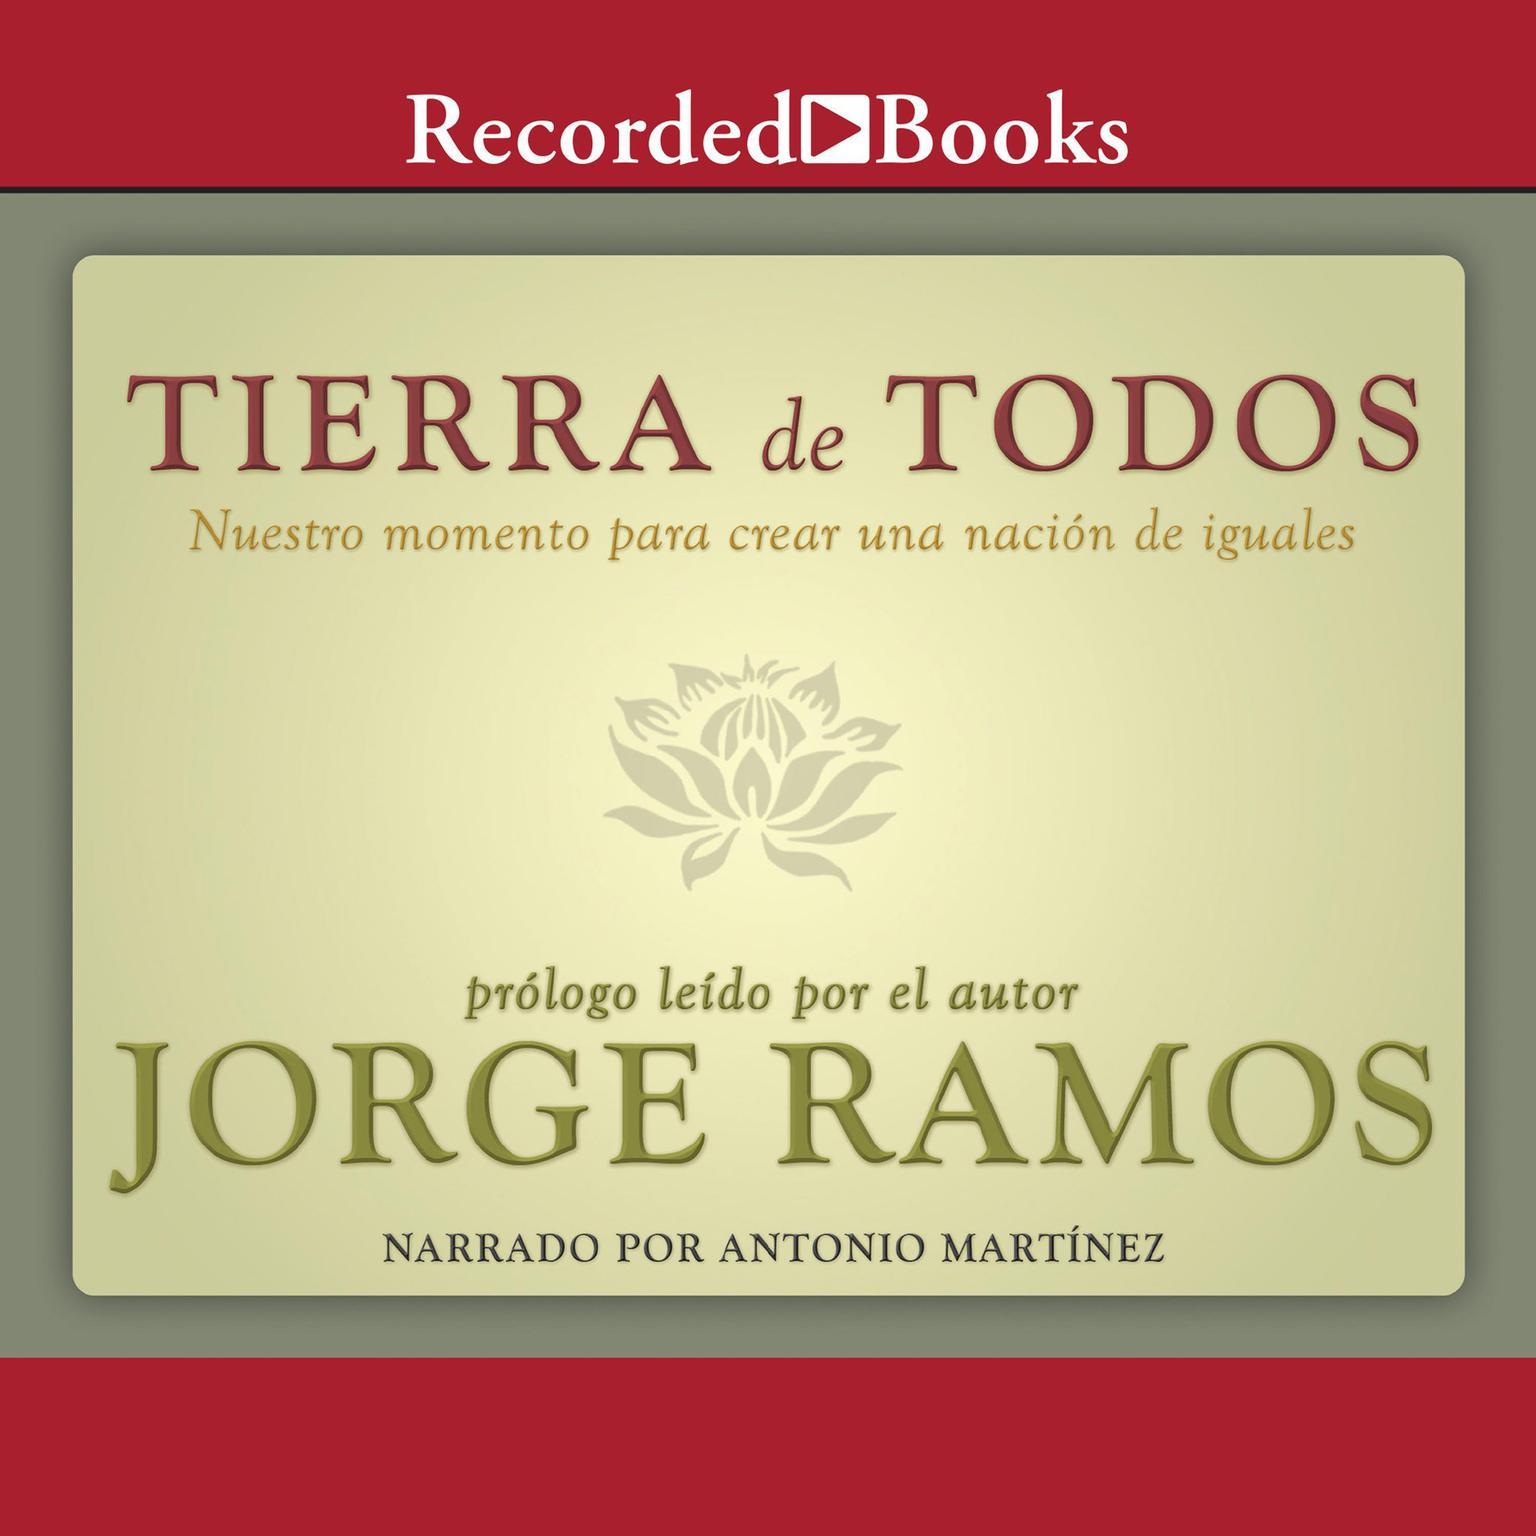 Tierra de todos (Temptress): Nuestro momento para crear una nacion de iguales Audiobook, by Jorge Ramos